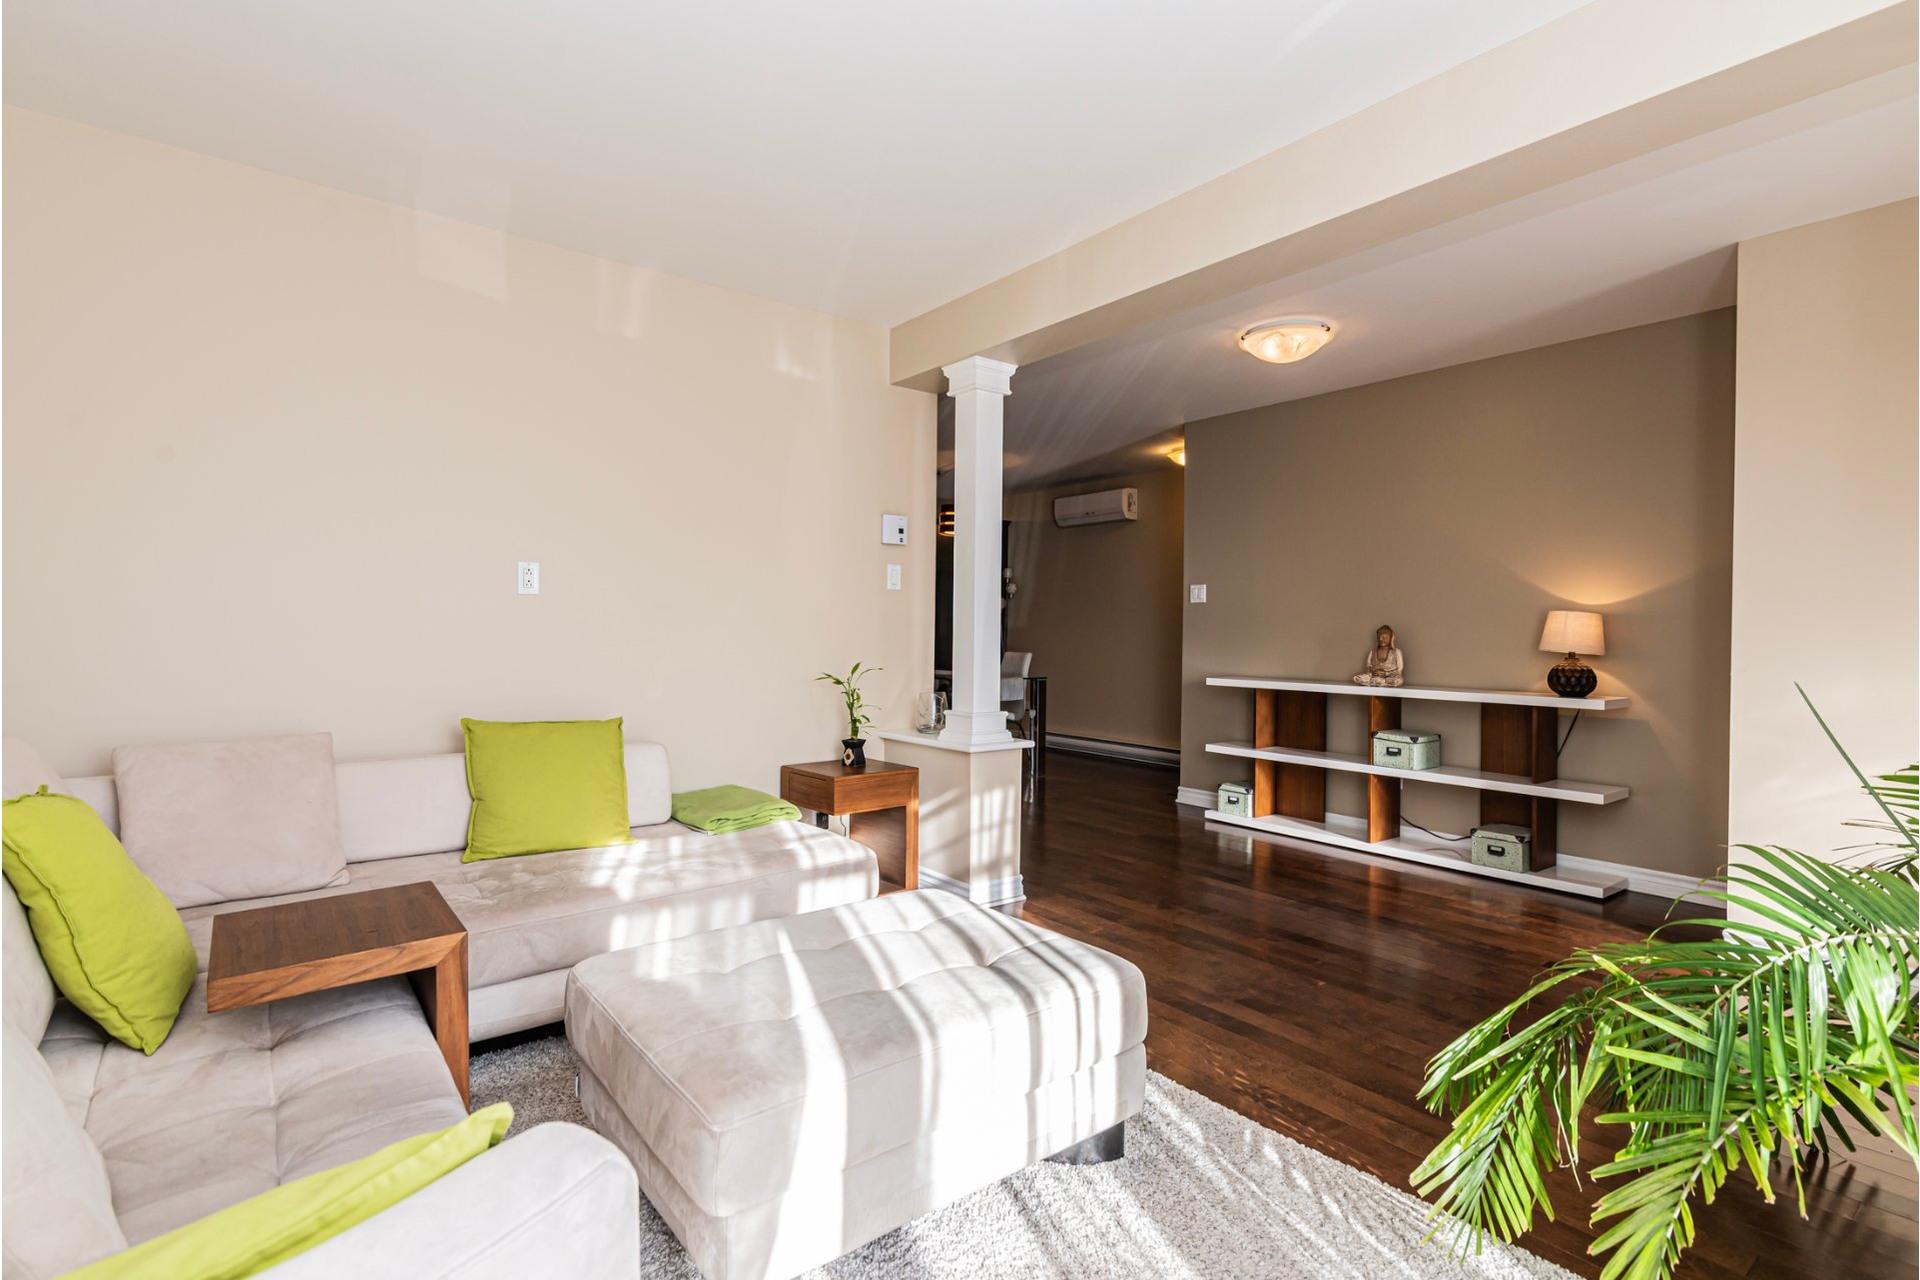 image 8 - Appartement À vendre Lachine Montréal  - 11 pièces